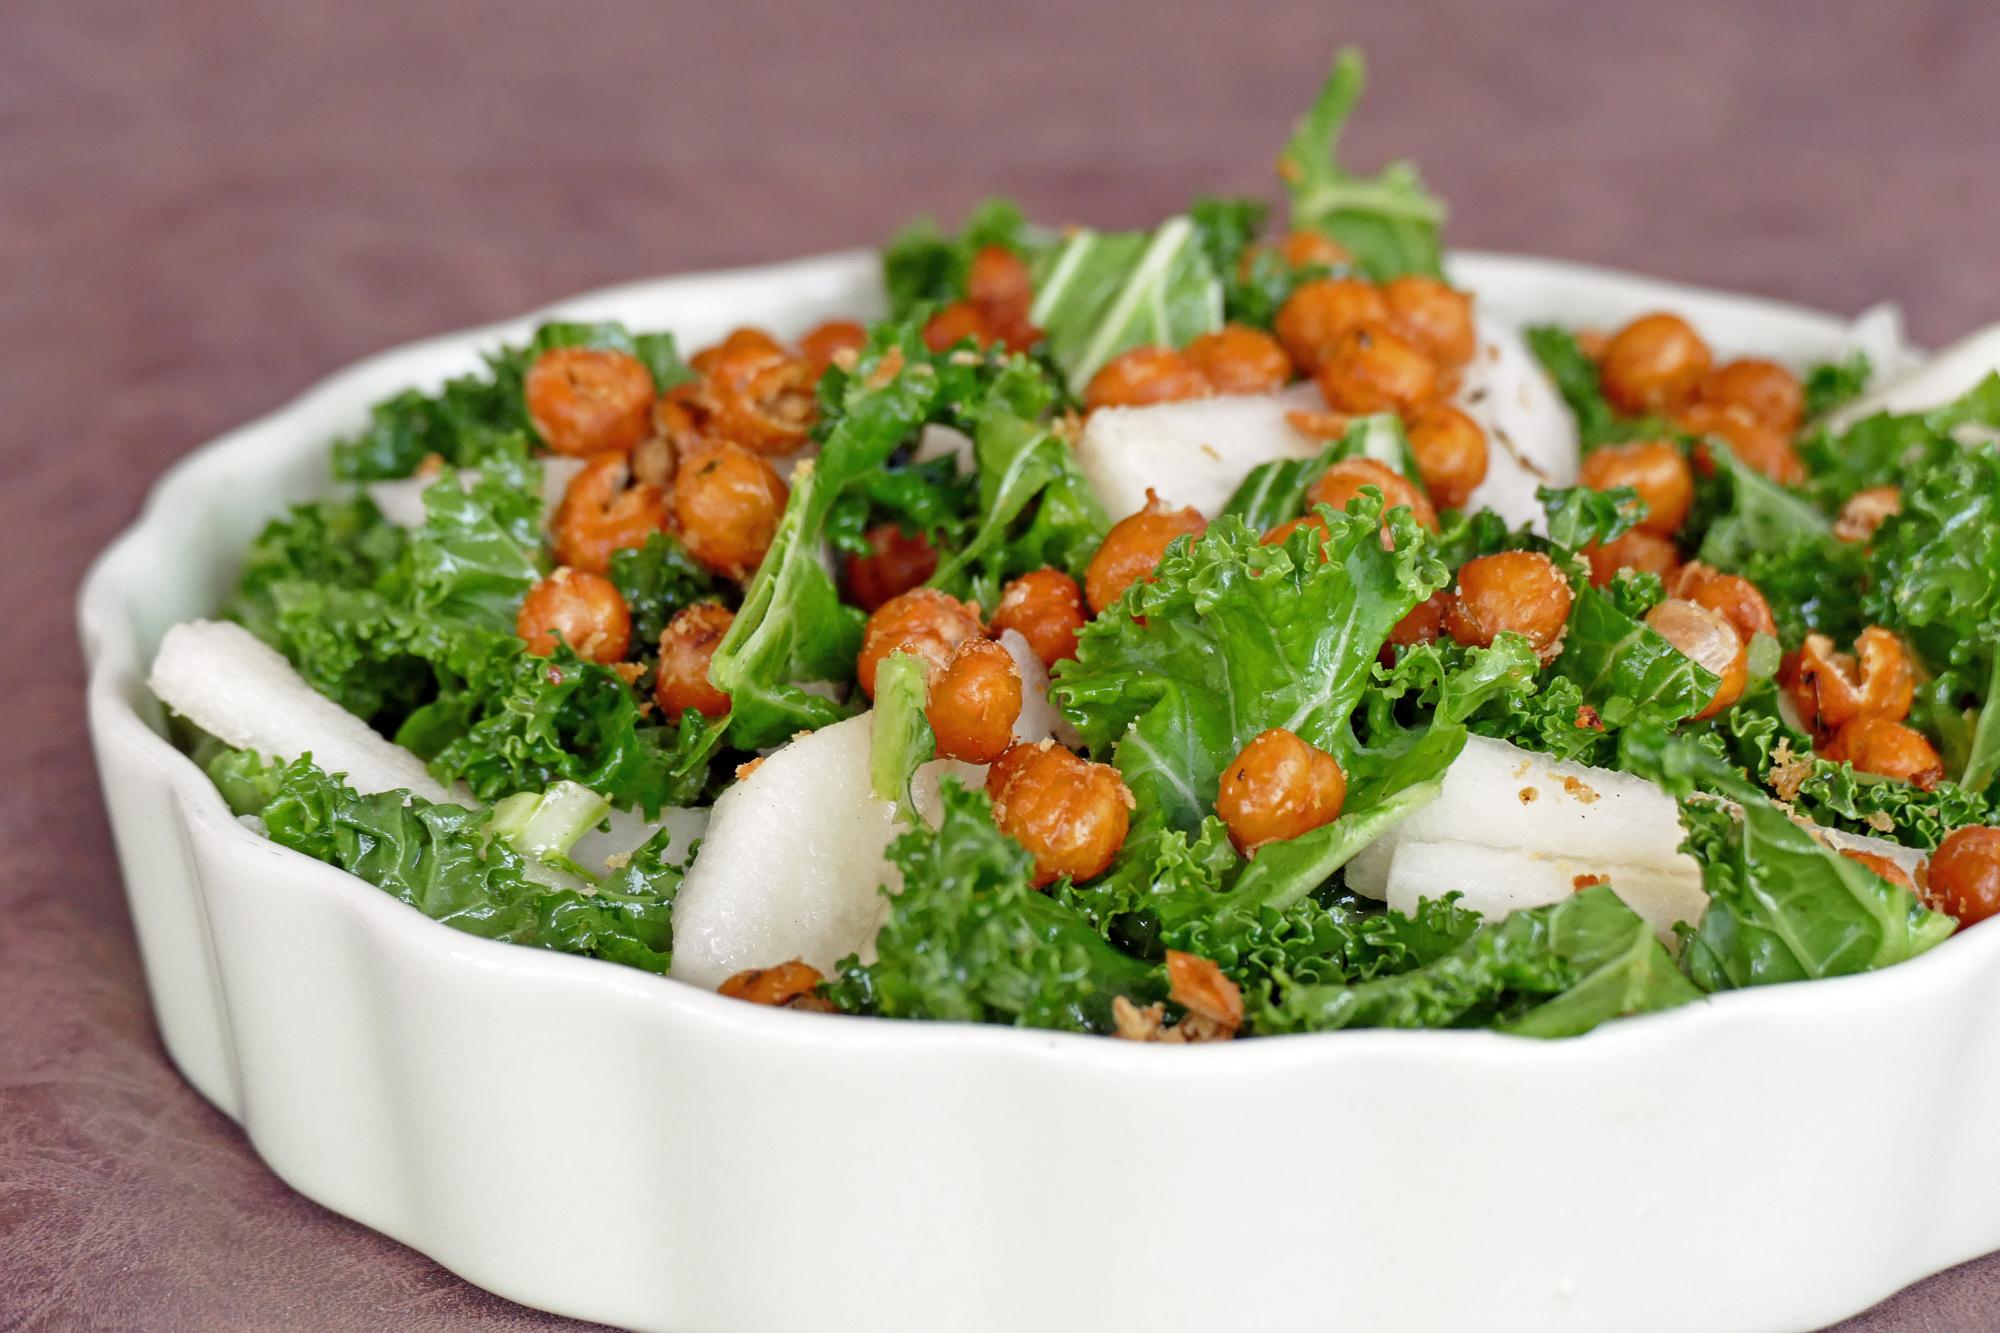 grönkål päron kikärter sallad